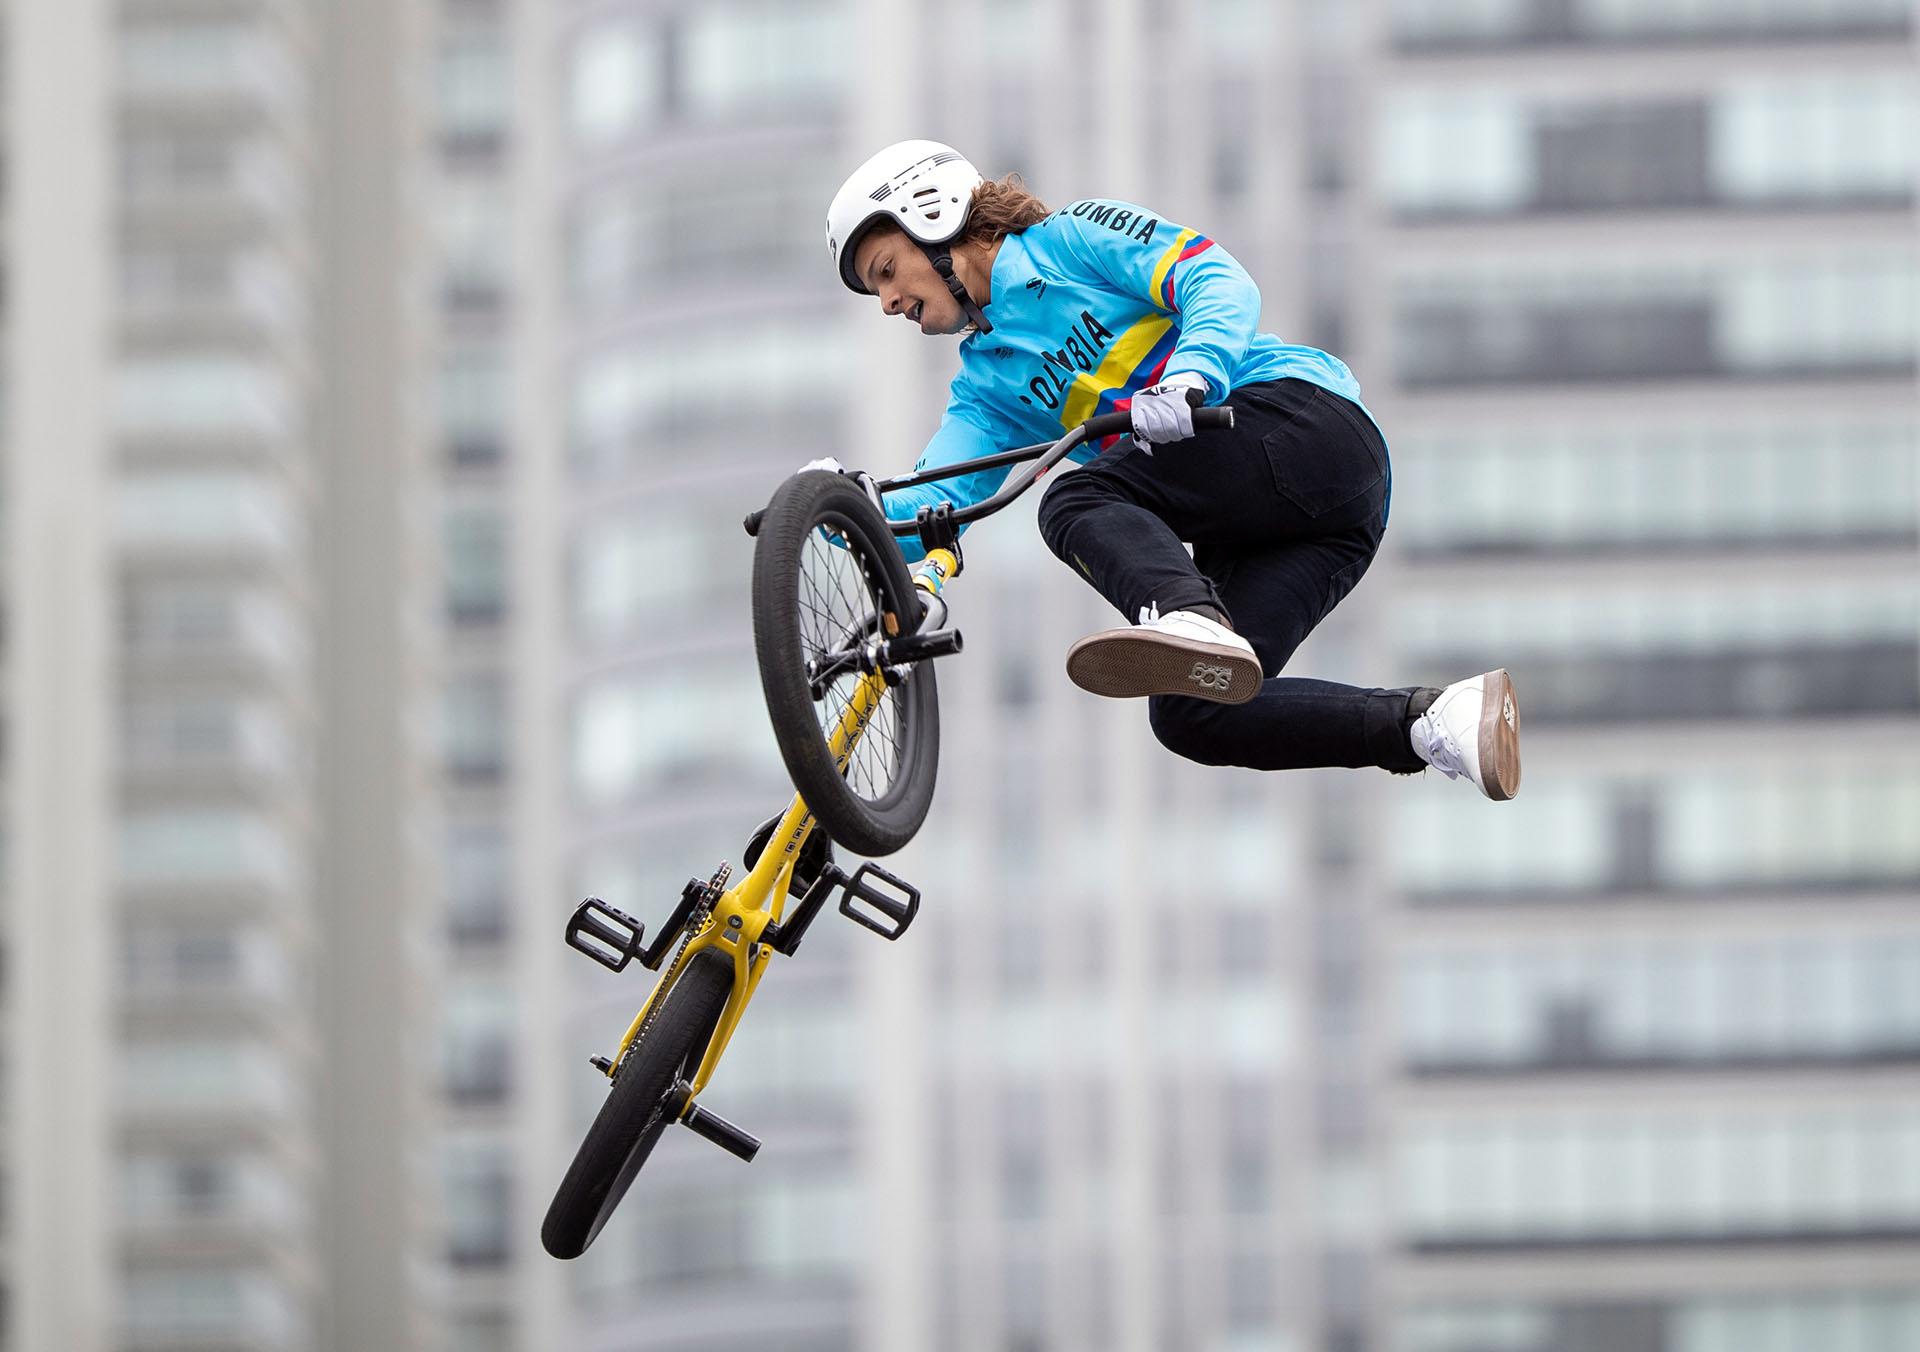 El colombiano Sebastian Martínez parece volar en la final de BMX freestyle